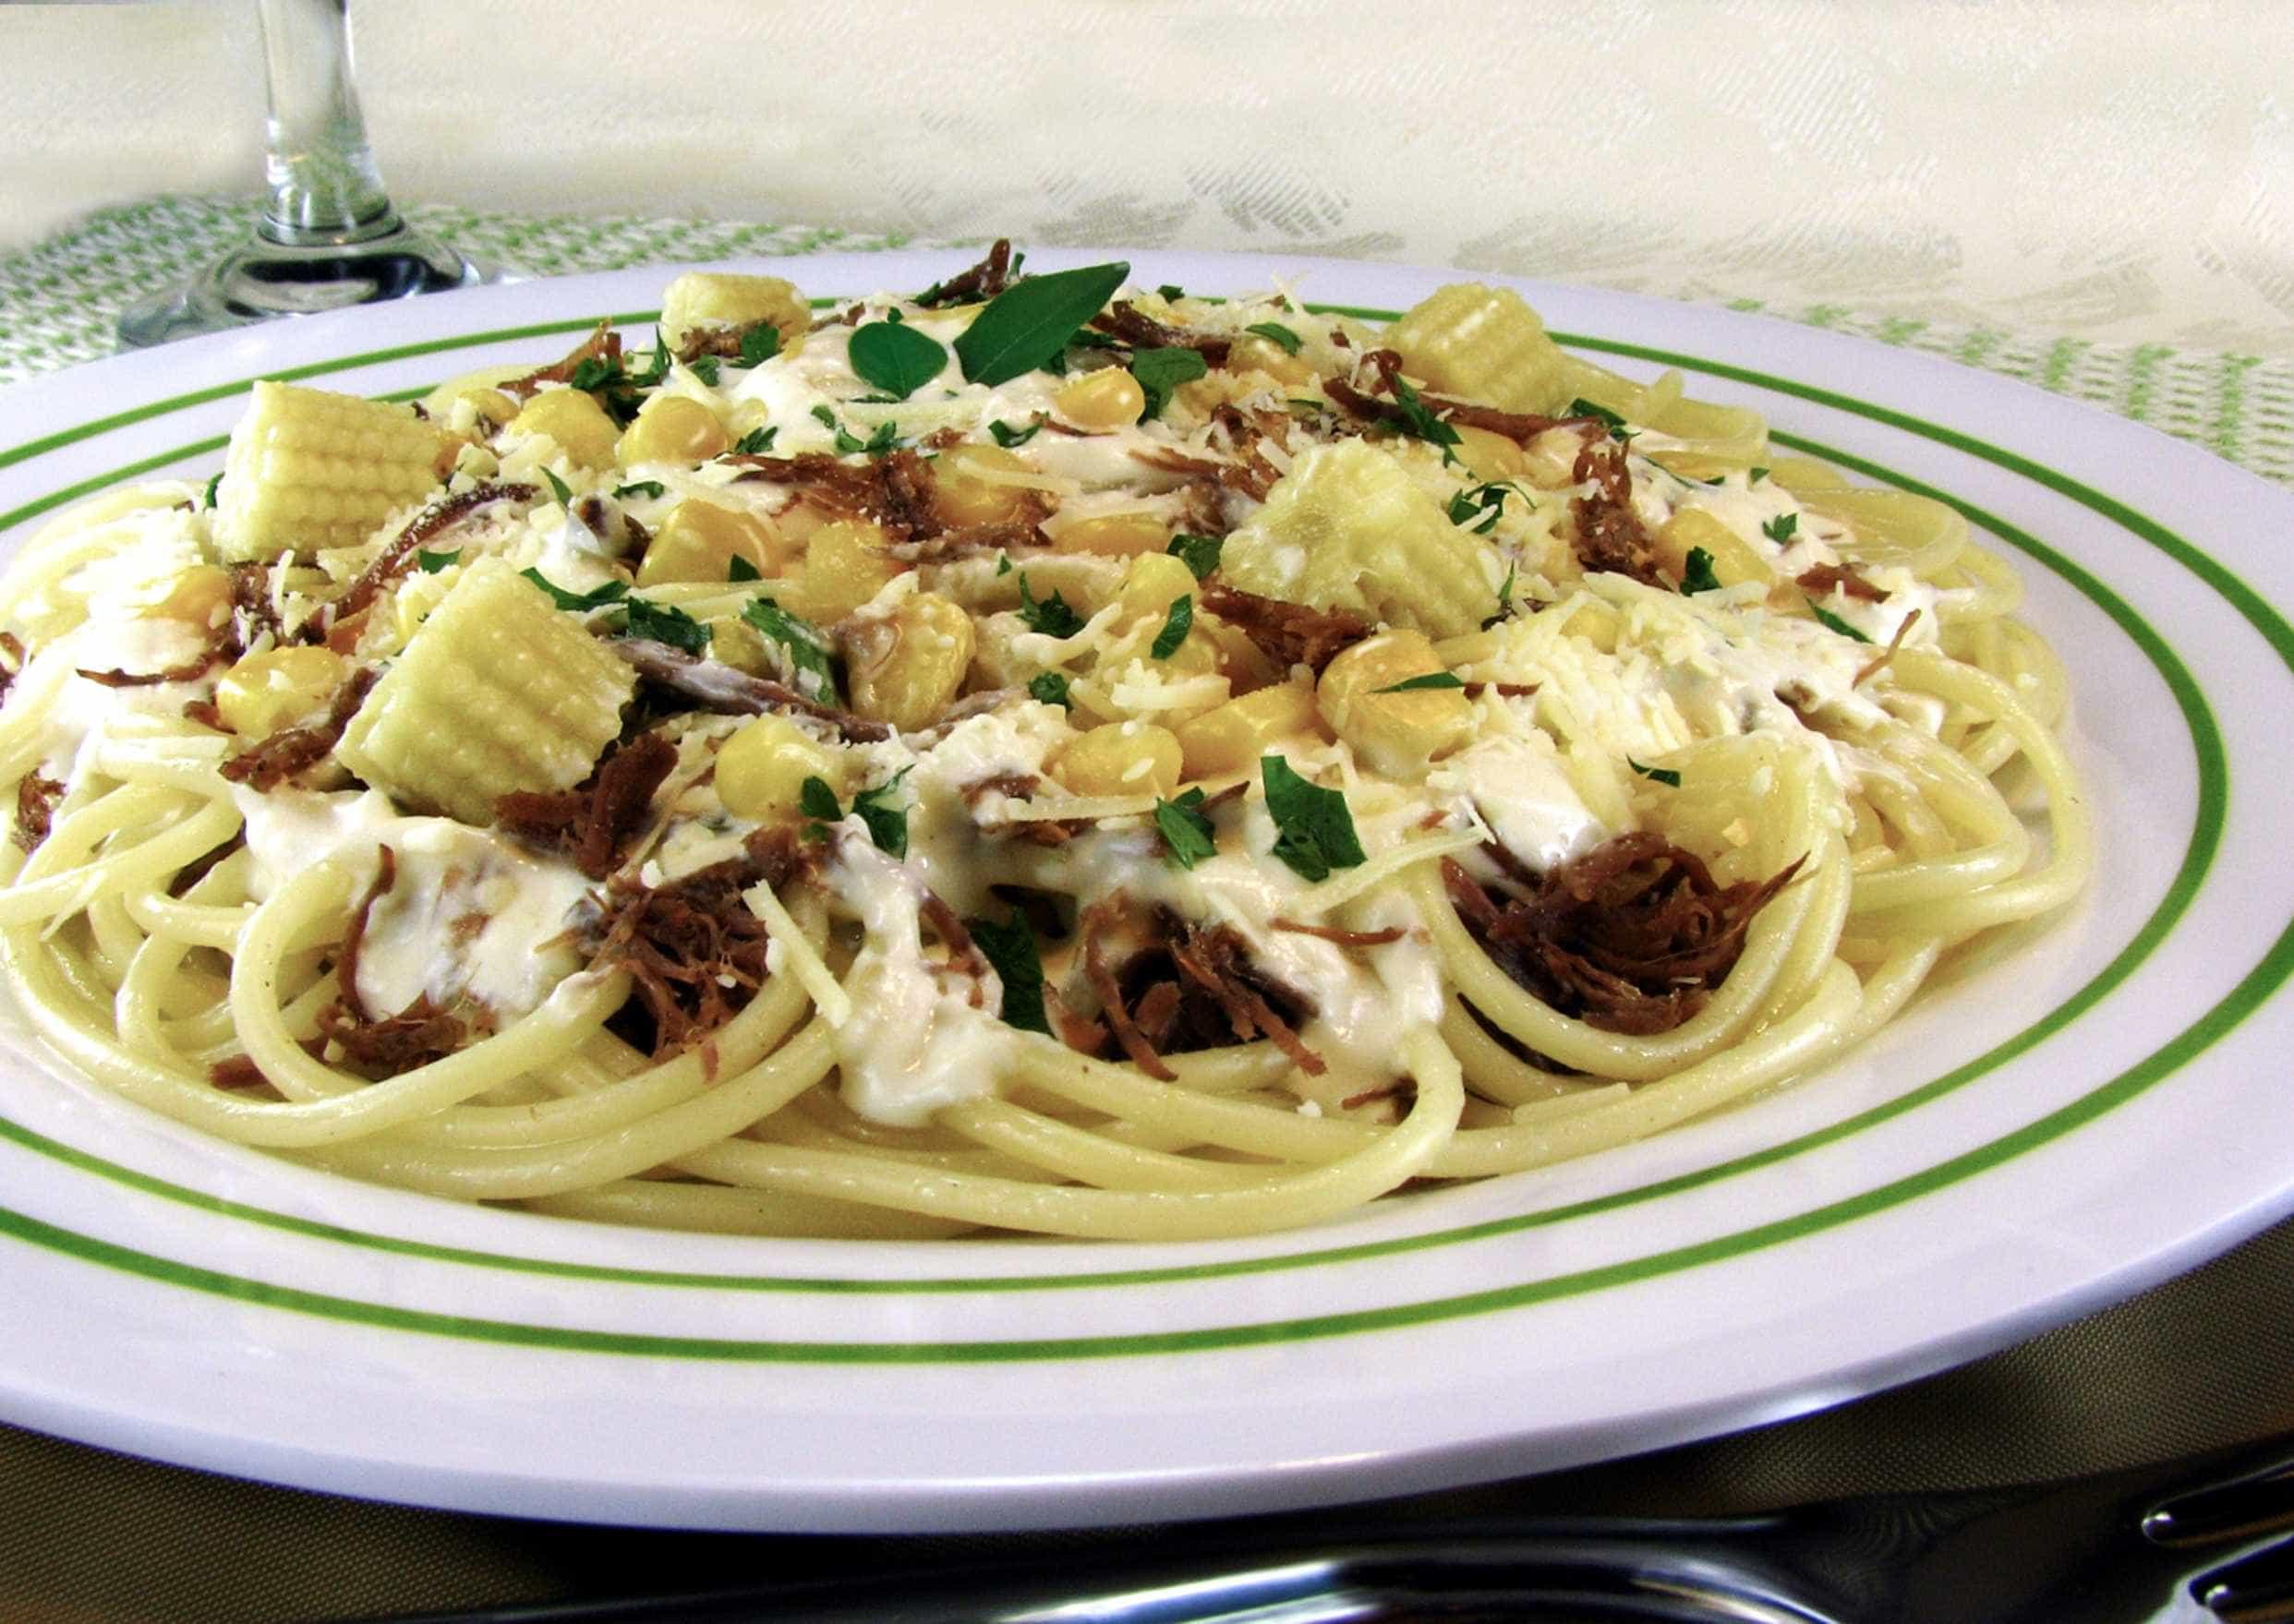 Aproveite delicioso espaguete no fim de semana